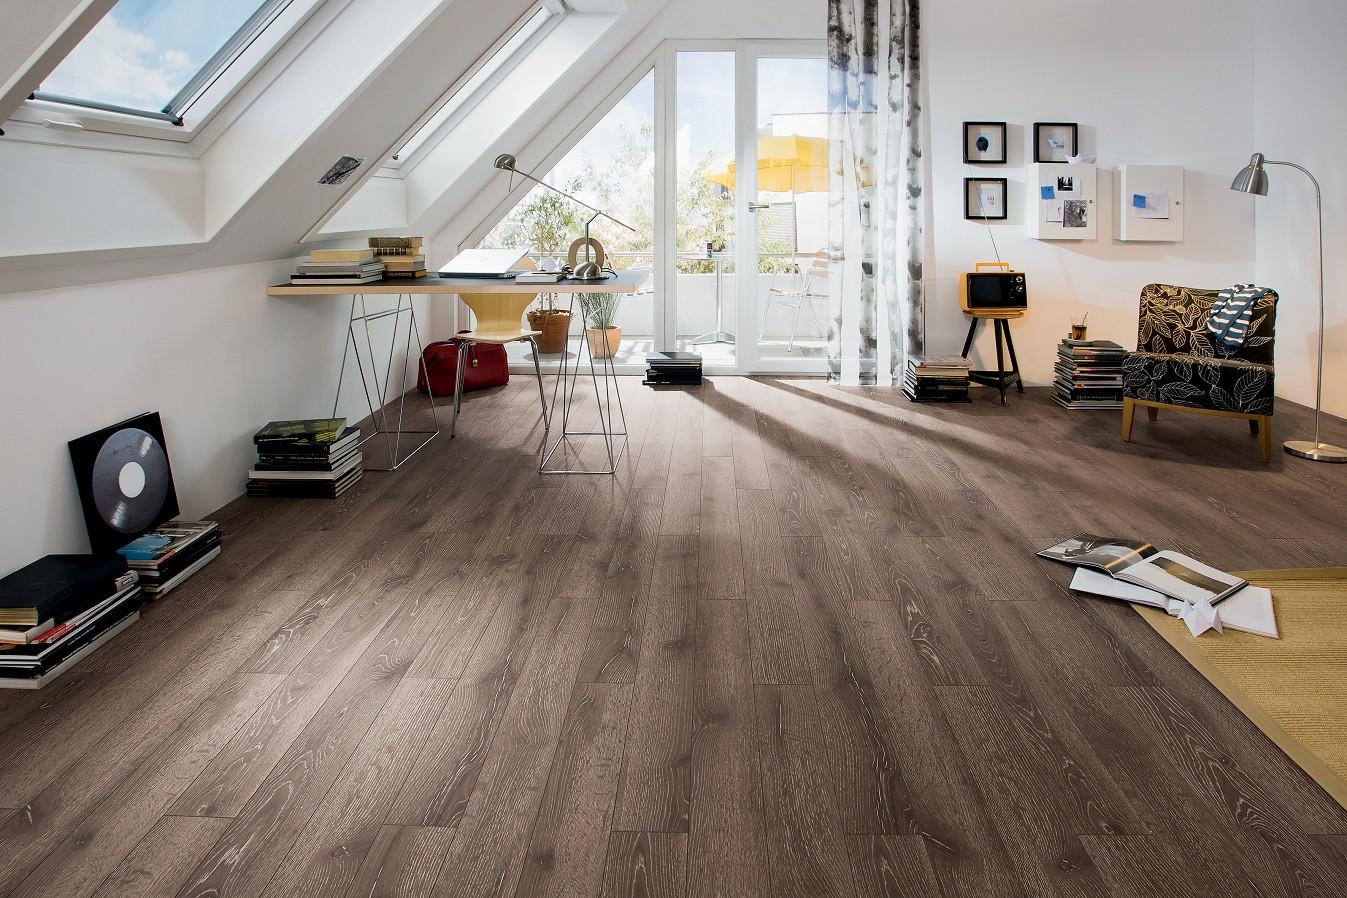 3 4 cherry hardwood flooring of ca laminate flooring california wood floor boards san jose los in ca best place to buy hardwood flooring